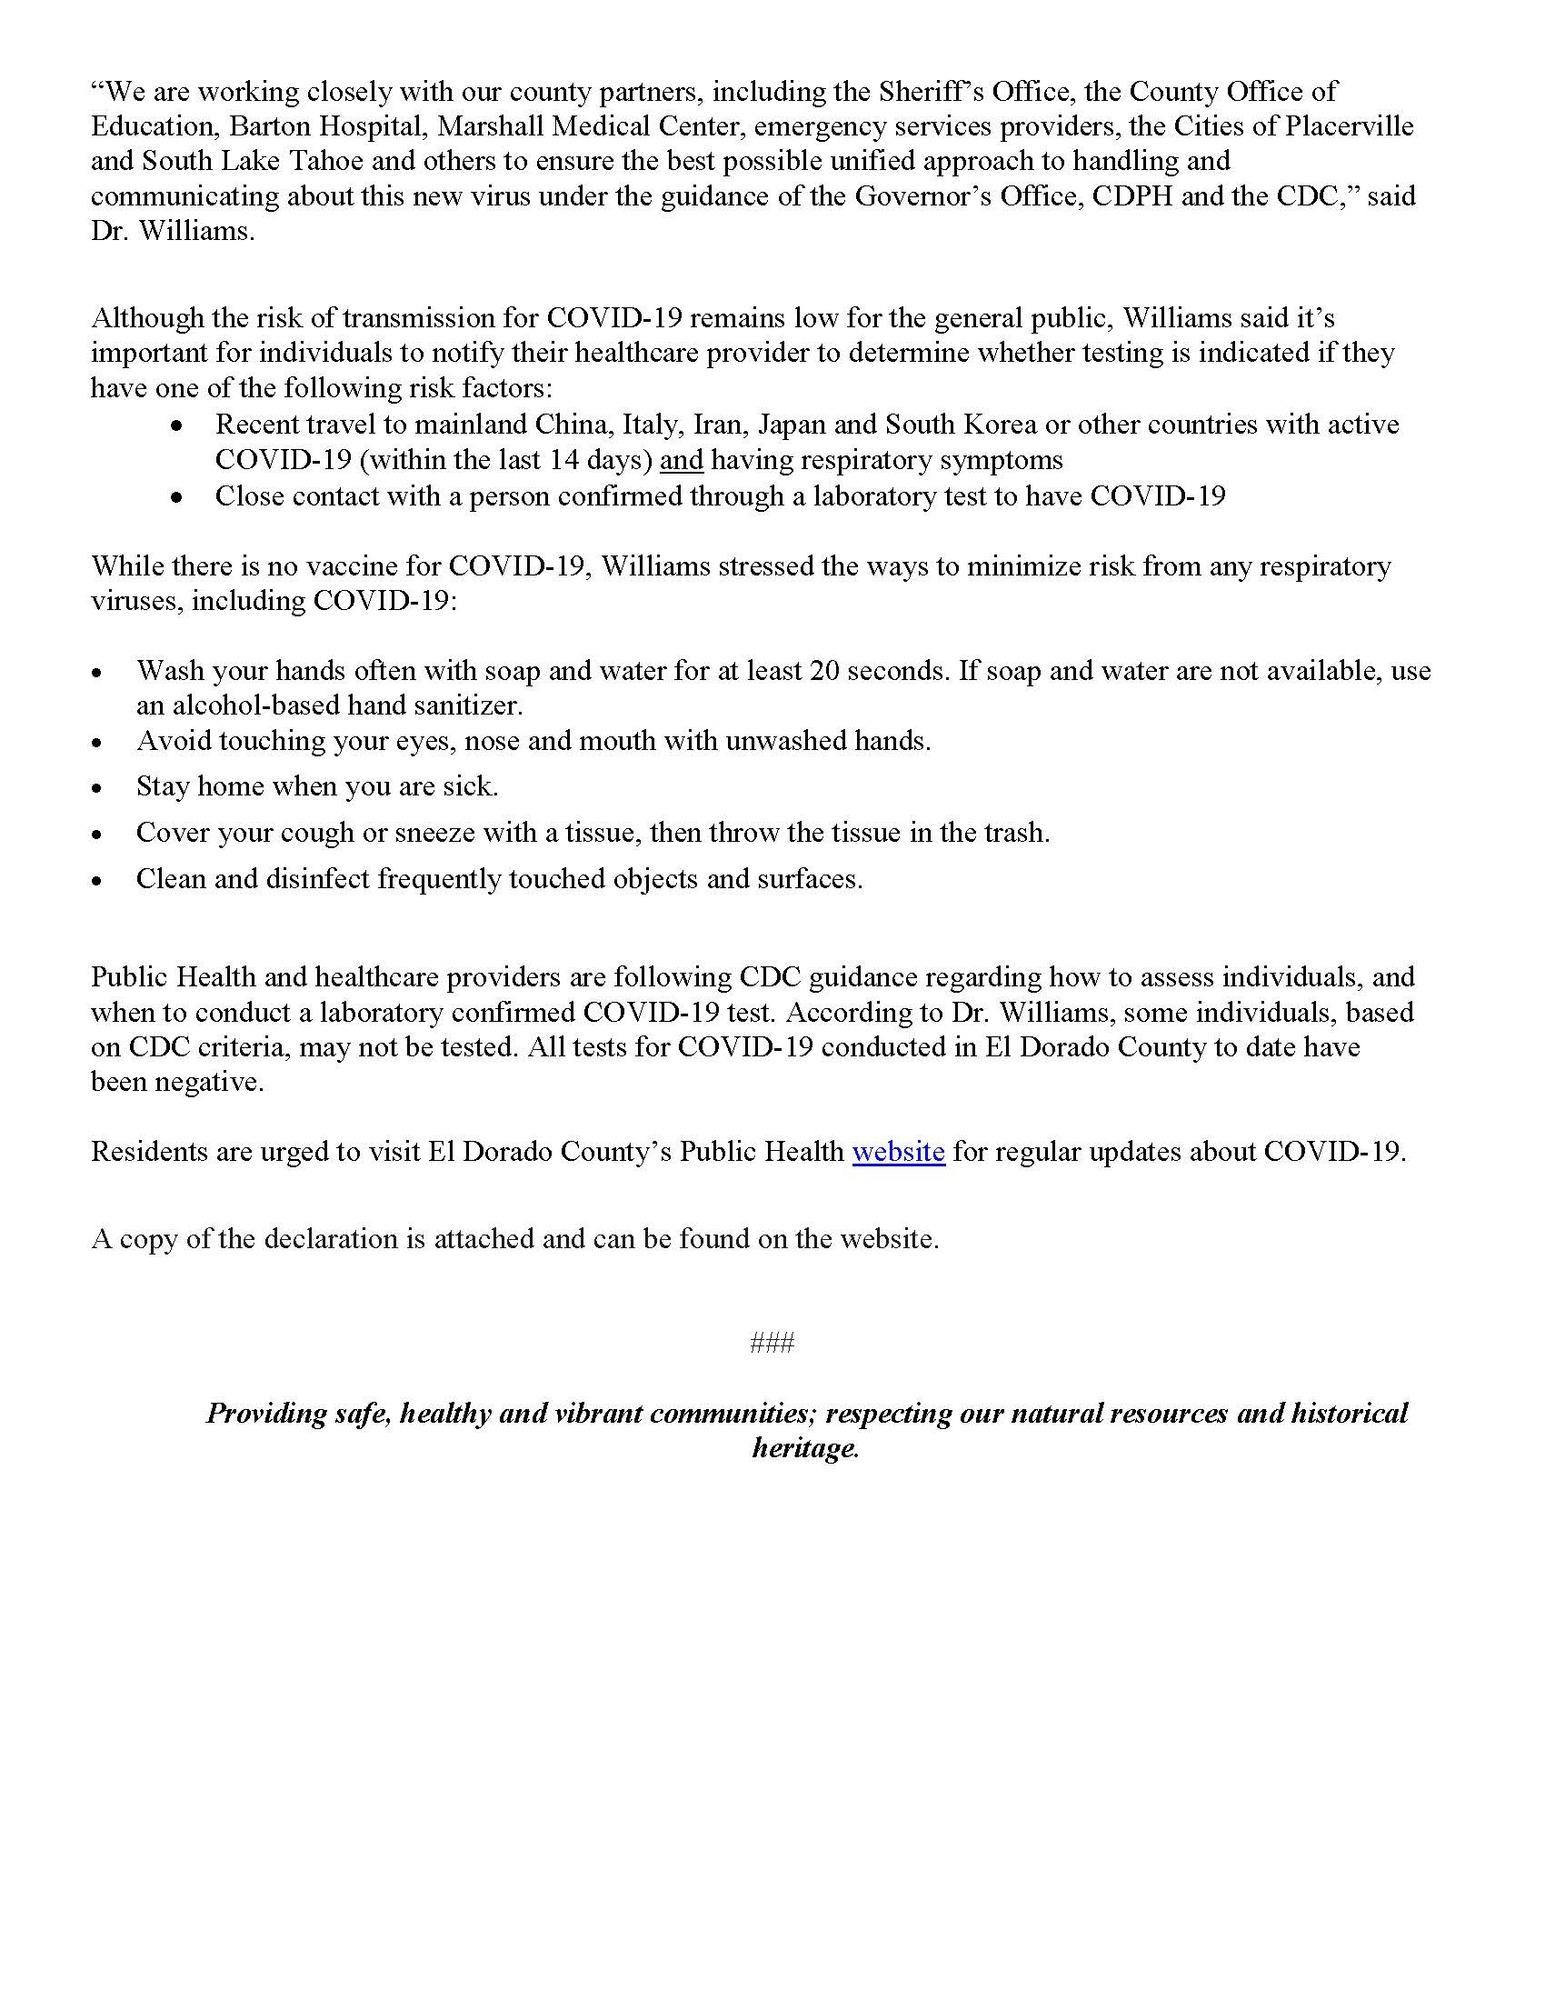 PR 20-6 COVID-19 Public Health Emergency Declaration_Page_2